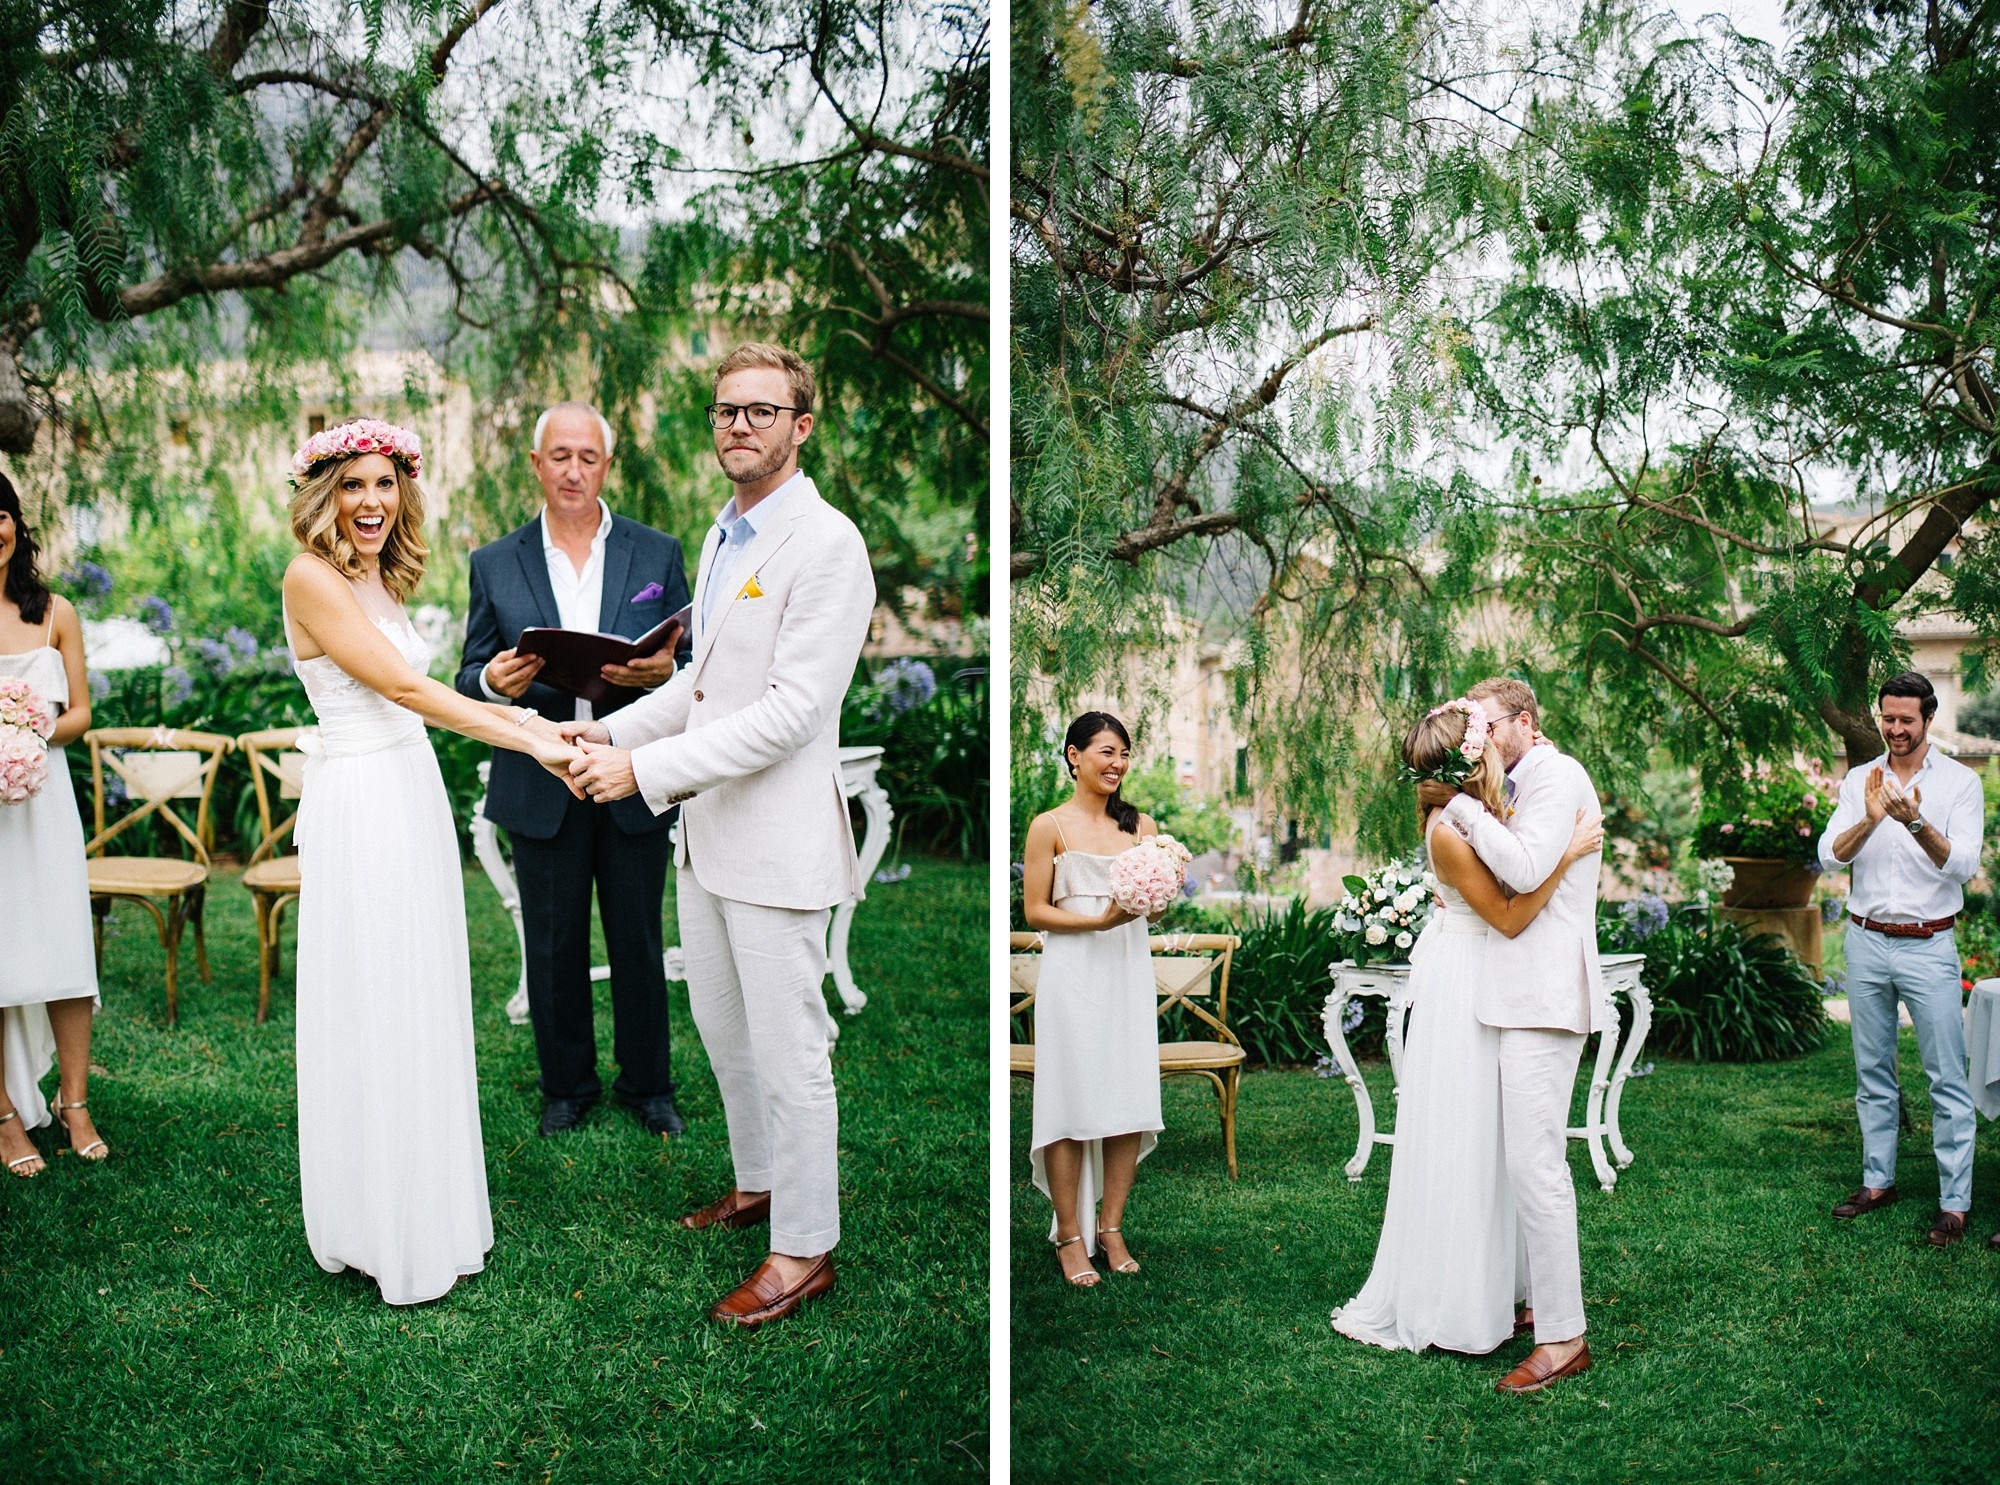 fotografos de boda en valencia barcelona mallorca wedding photographer093.jpg